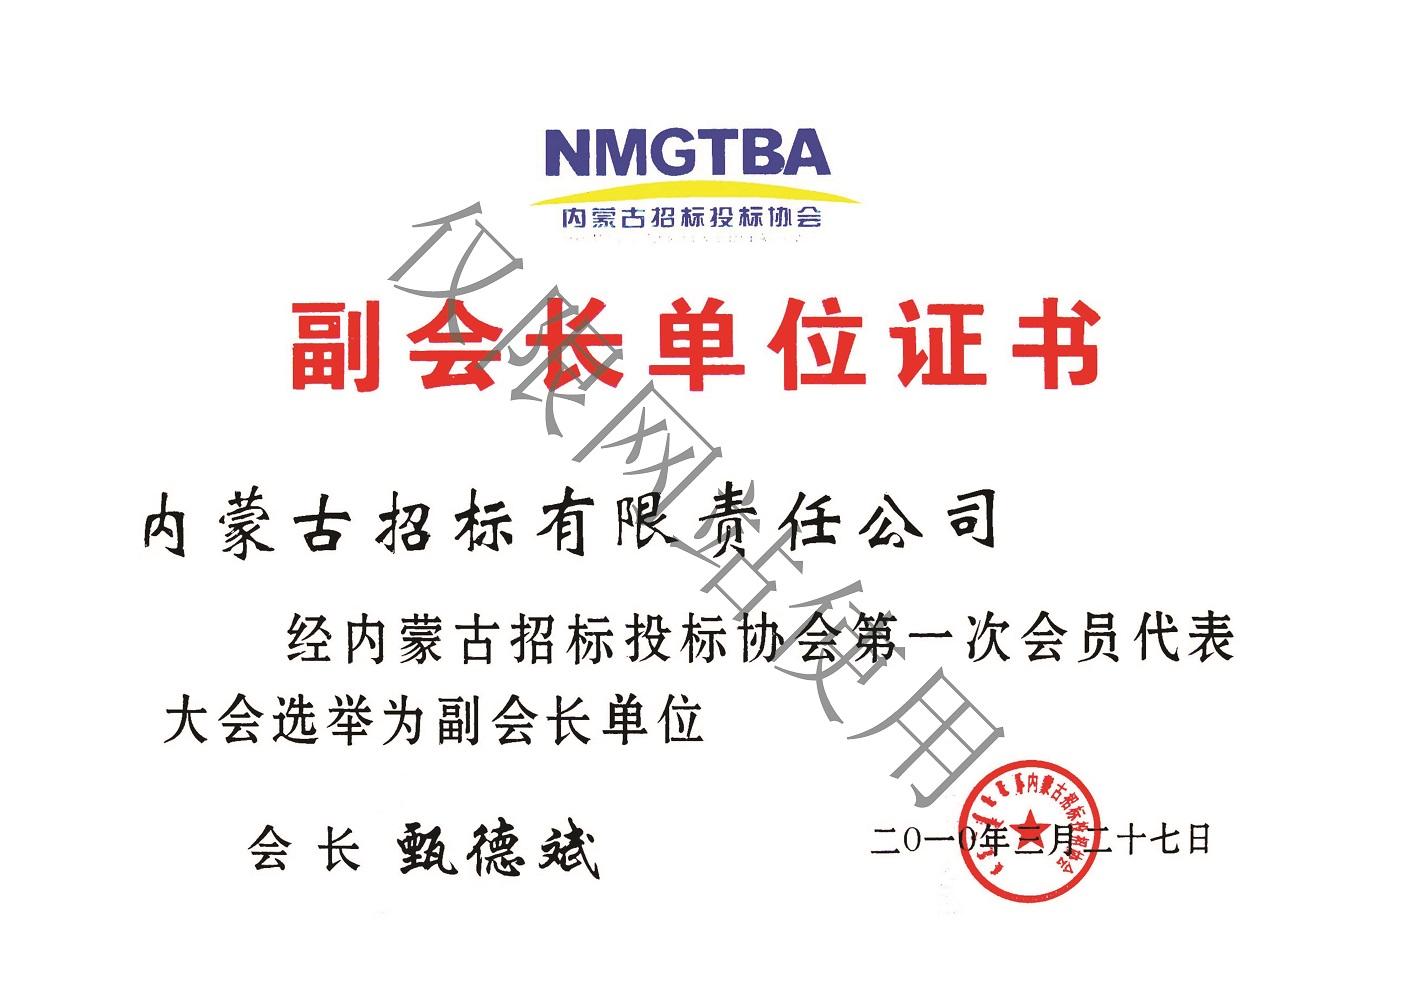 内蒙古招投标协会副会长证书